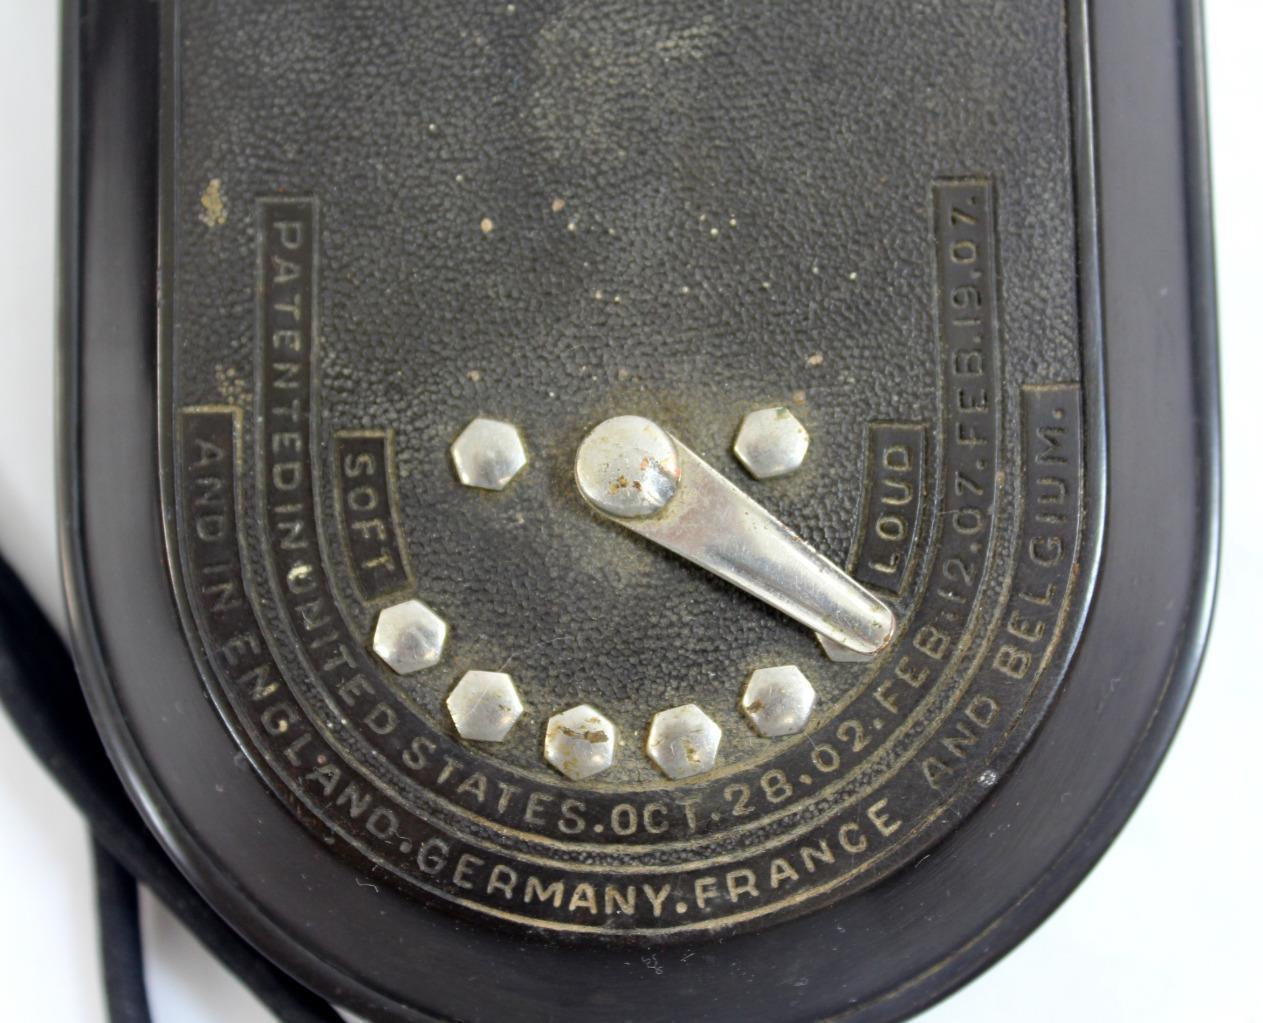 Аудиогаджет специального назначения: Dictograph — от цеха и оперы до первой прослушки, технический шедевр 1907-го года - 6